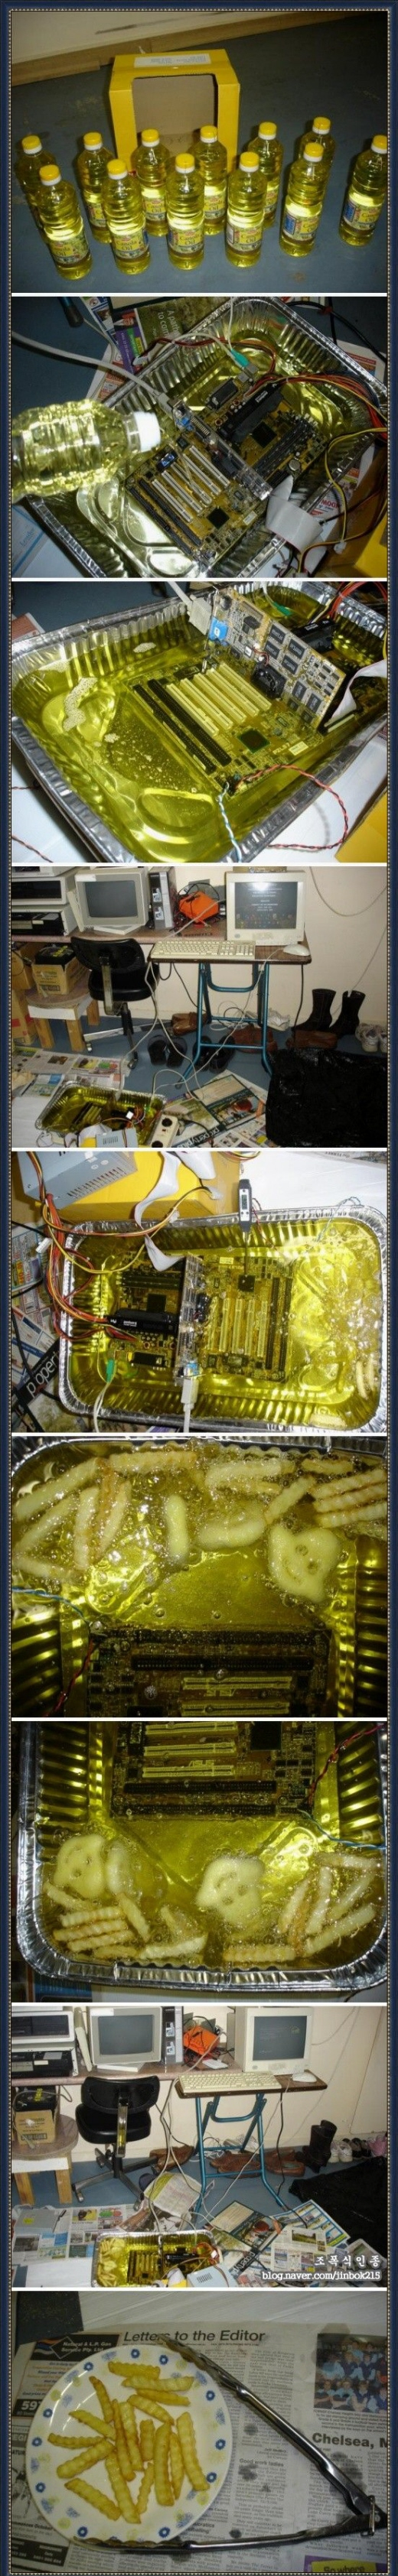 신개념 감자튀김기계